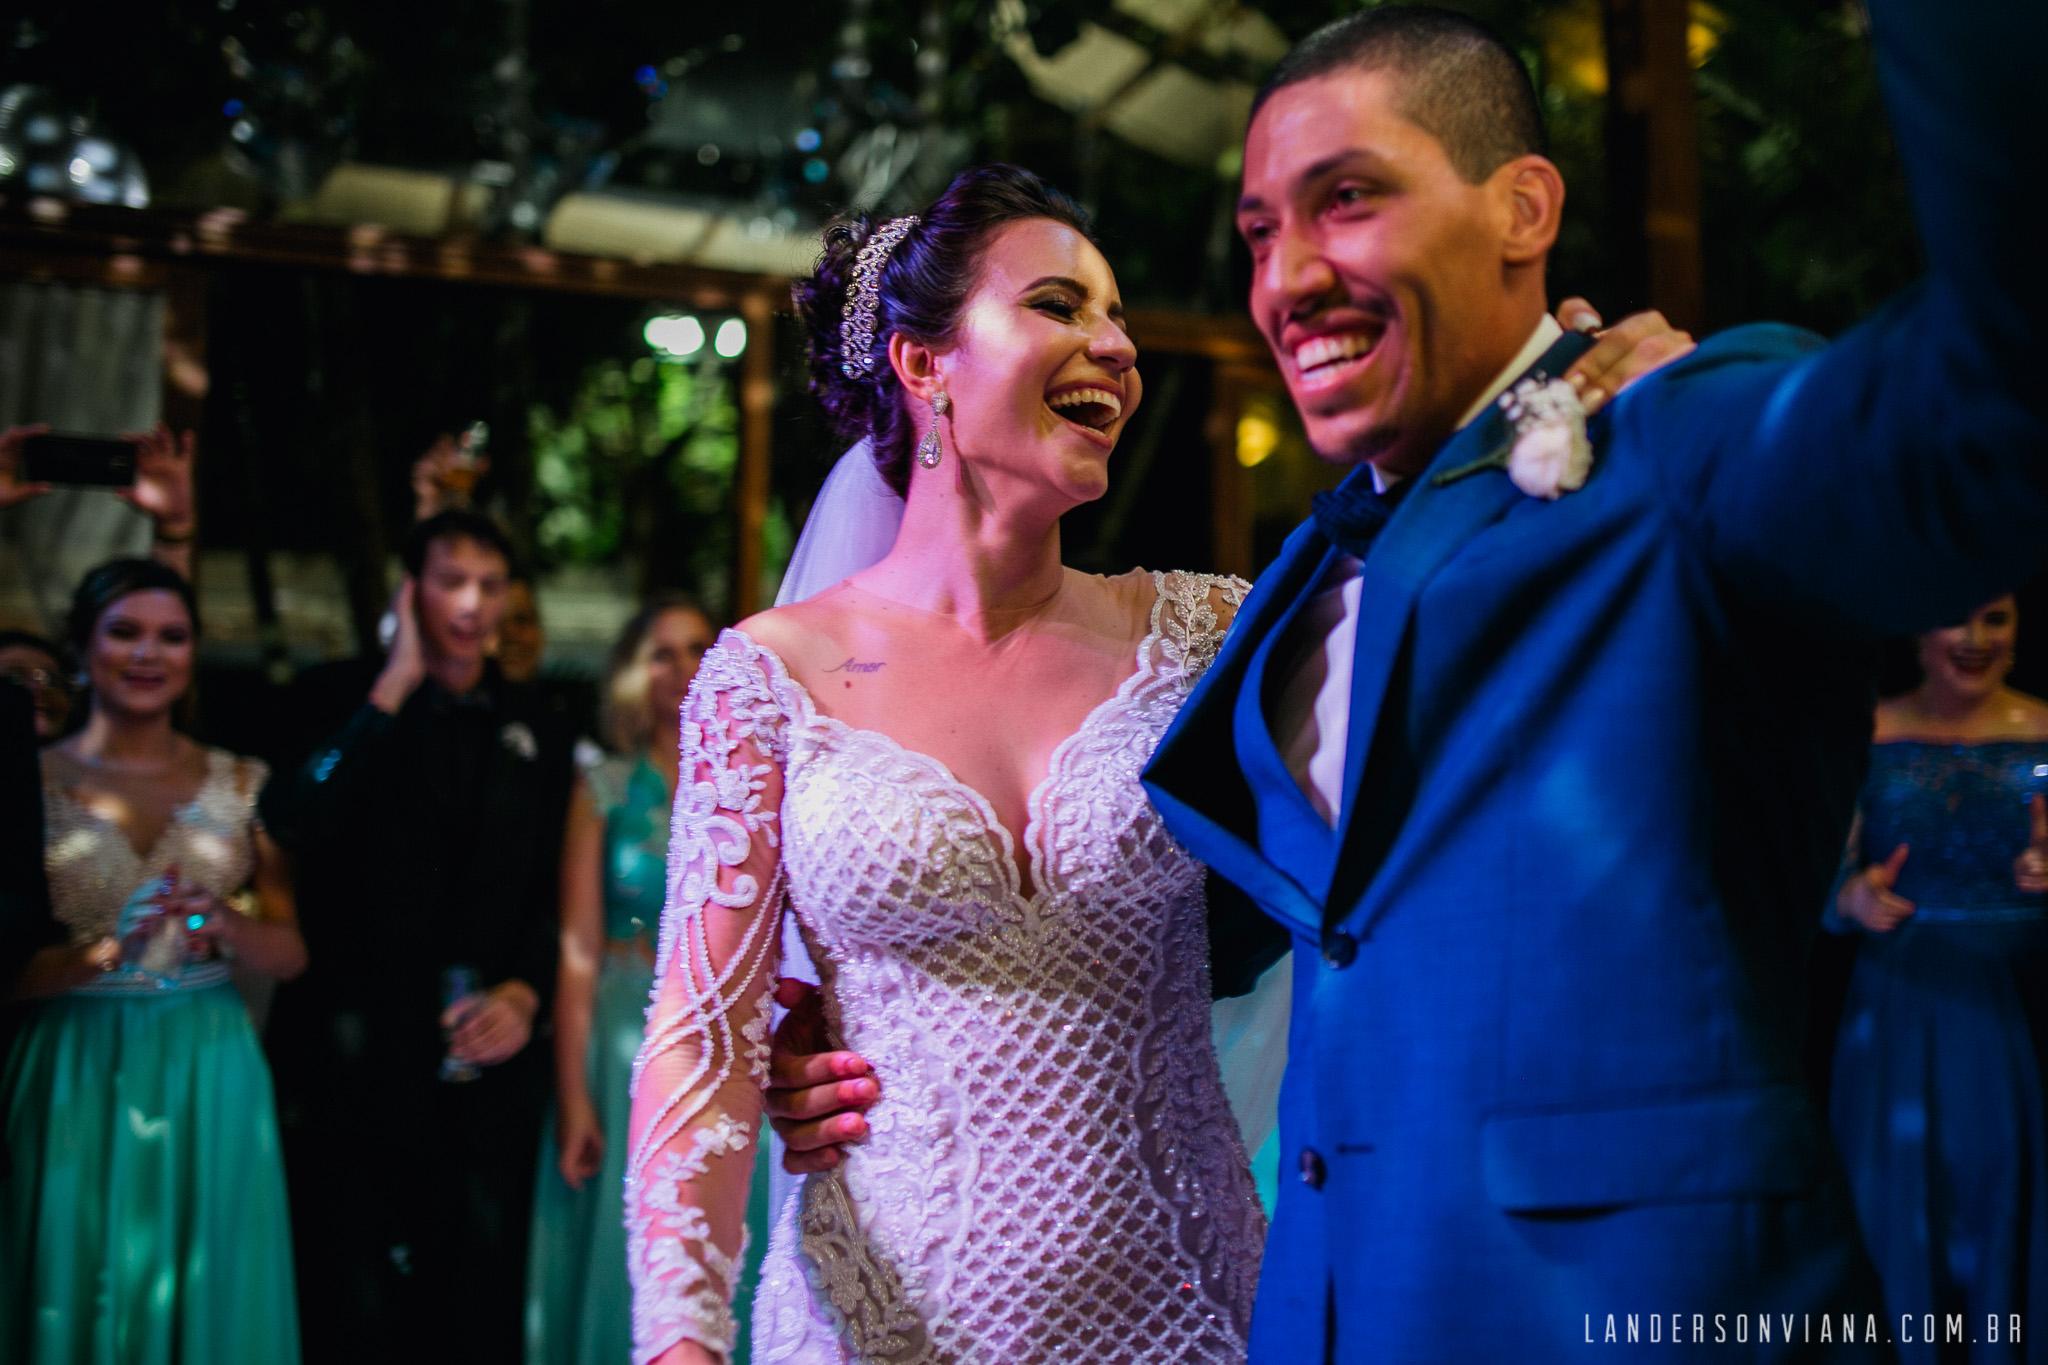 casamento_ar_livre_festa_jessica_raphael-32.jpg